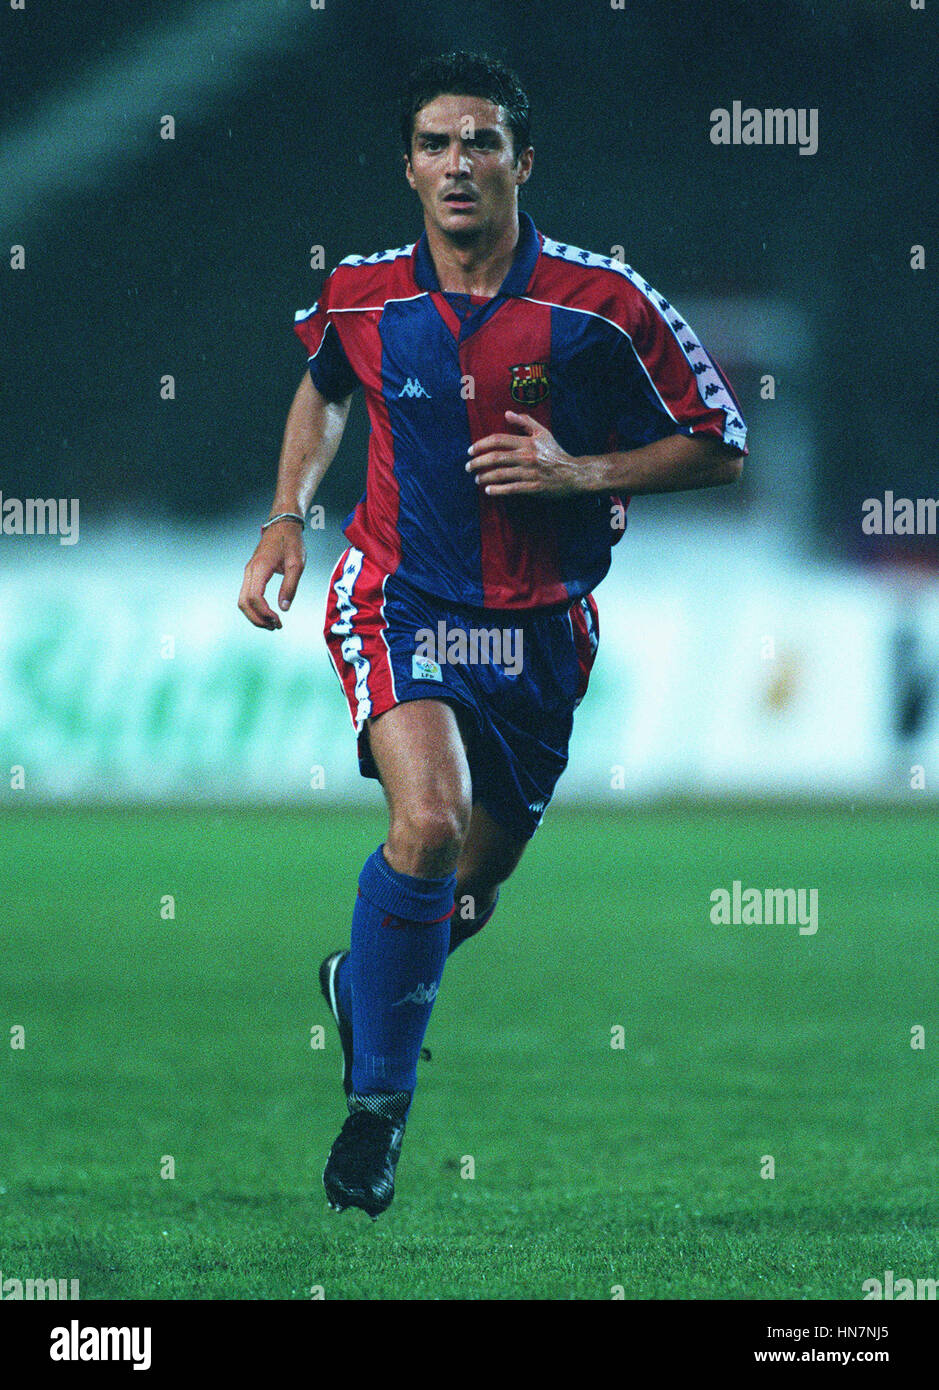 AMOR GOIUERMO FC Barcelona el 14 de agosto de 1994 Foto de stock